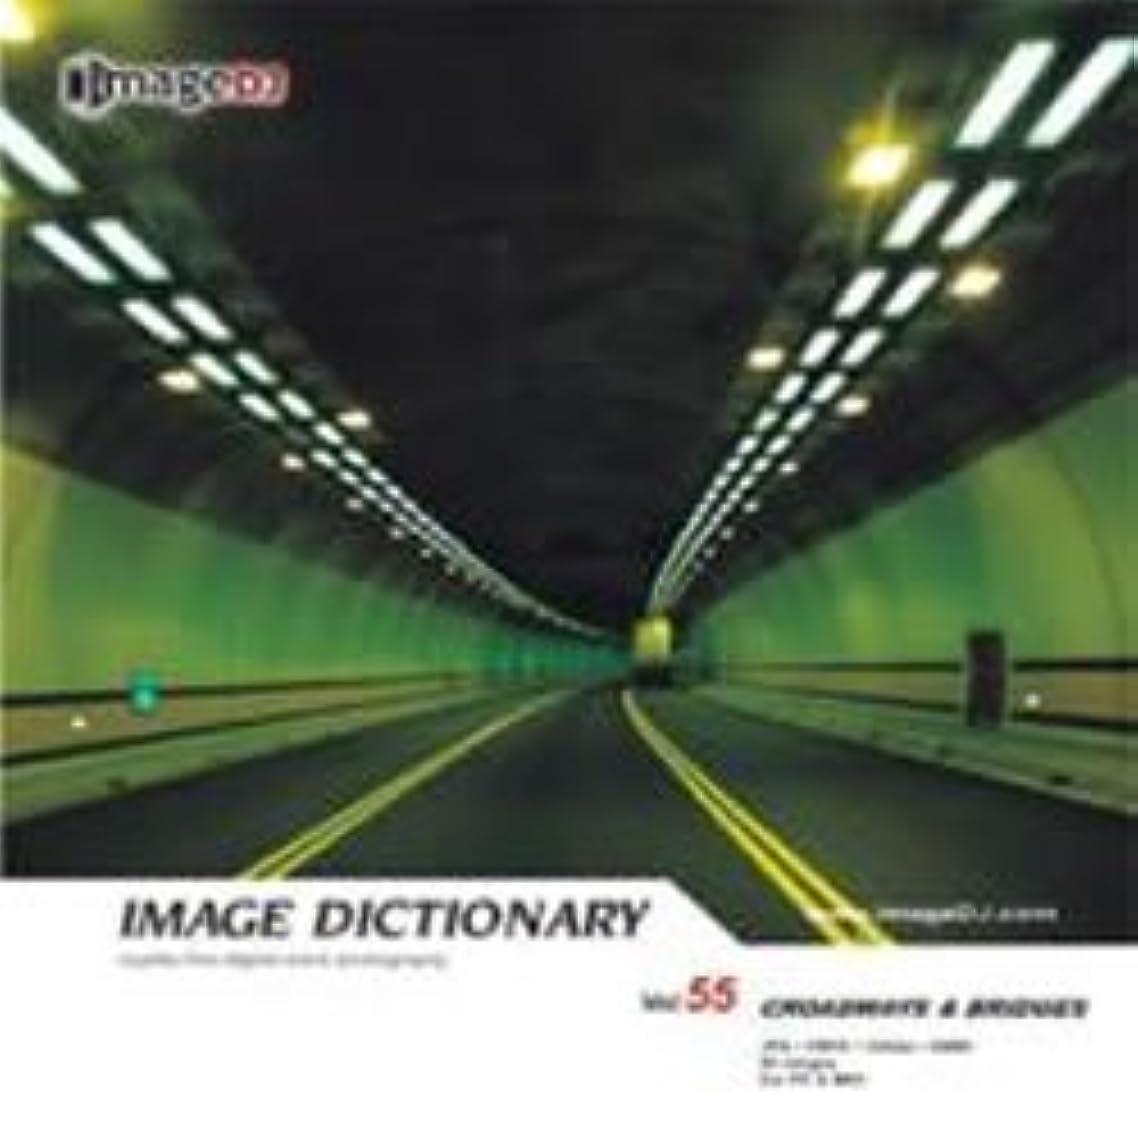 イメージ ディクショナリー Vol.55 道路と橋